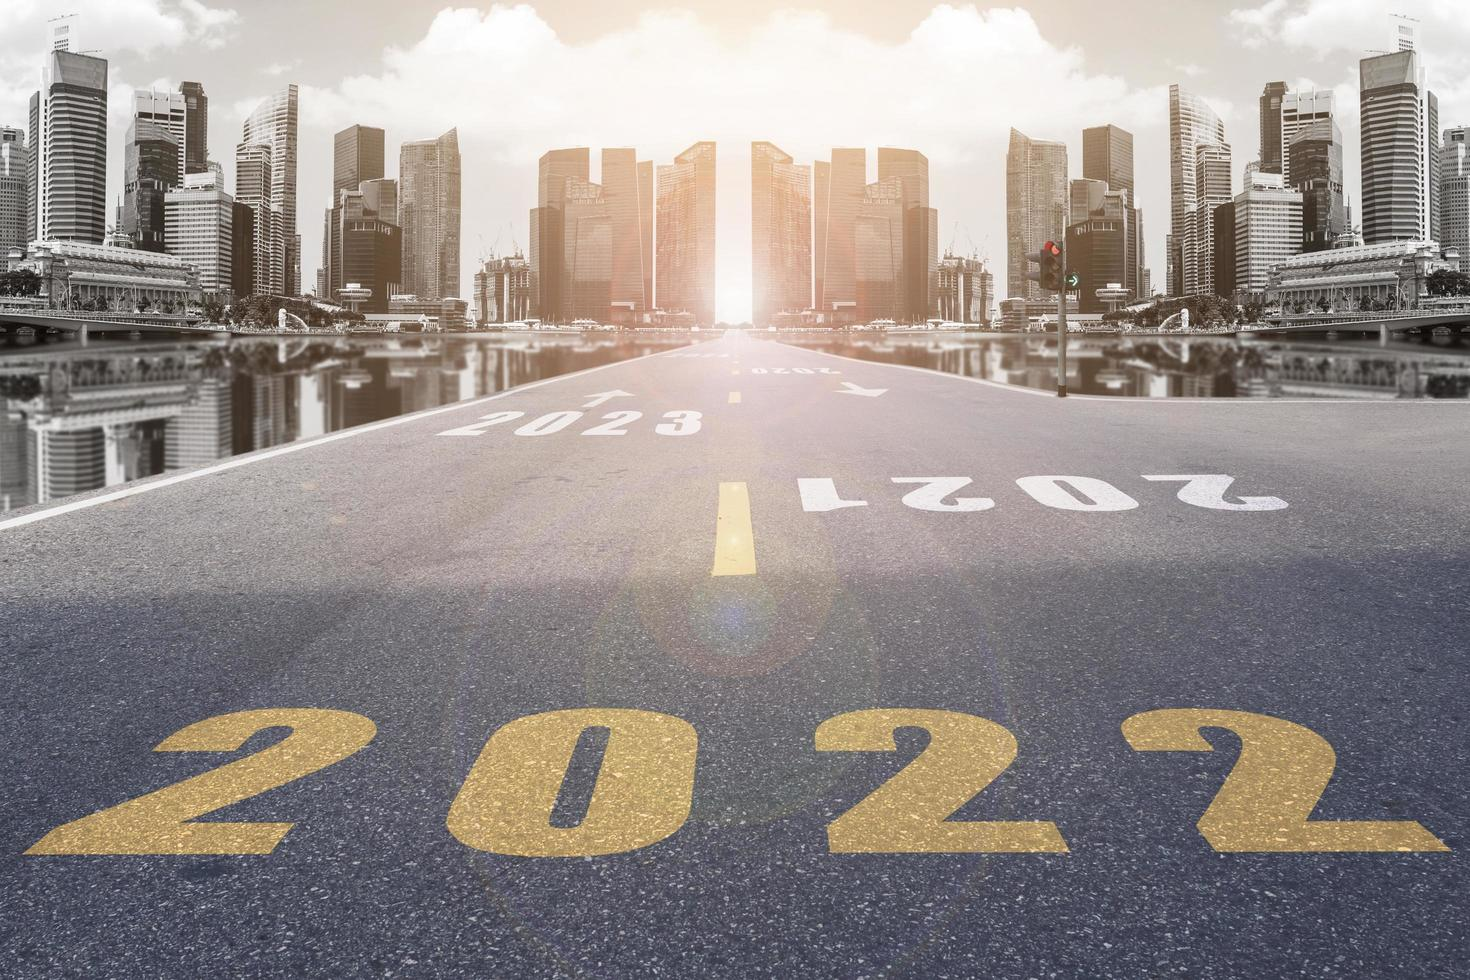 symbool 2022 nummers op de straat die leidt naar de wolkenkrabbers van de stad. foto